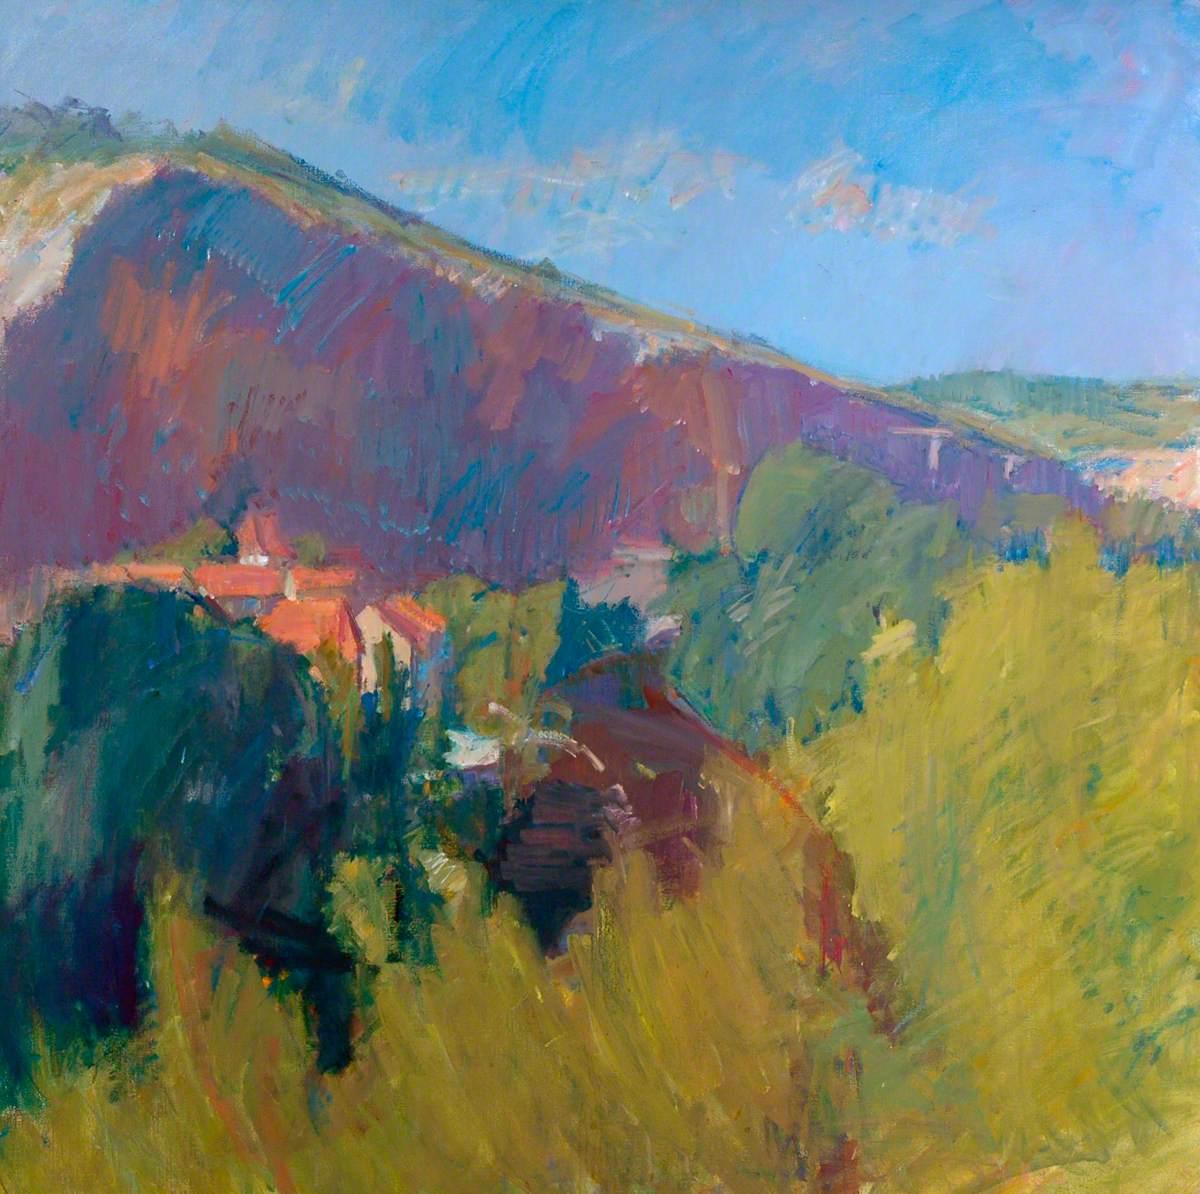 The Célé at Cabrarets